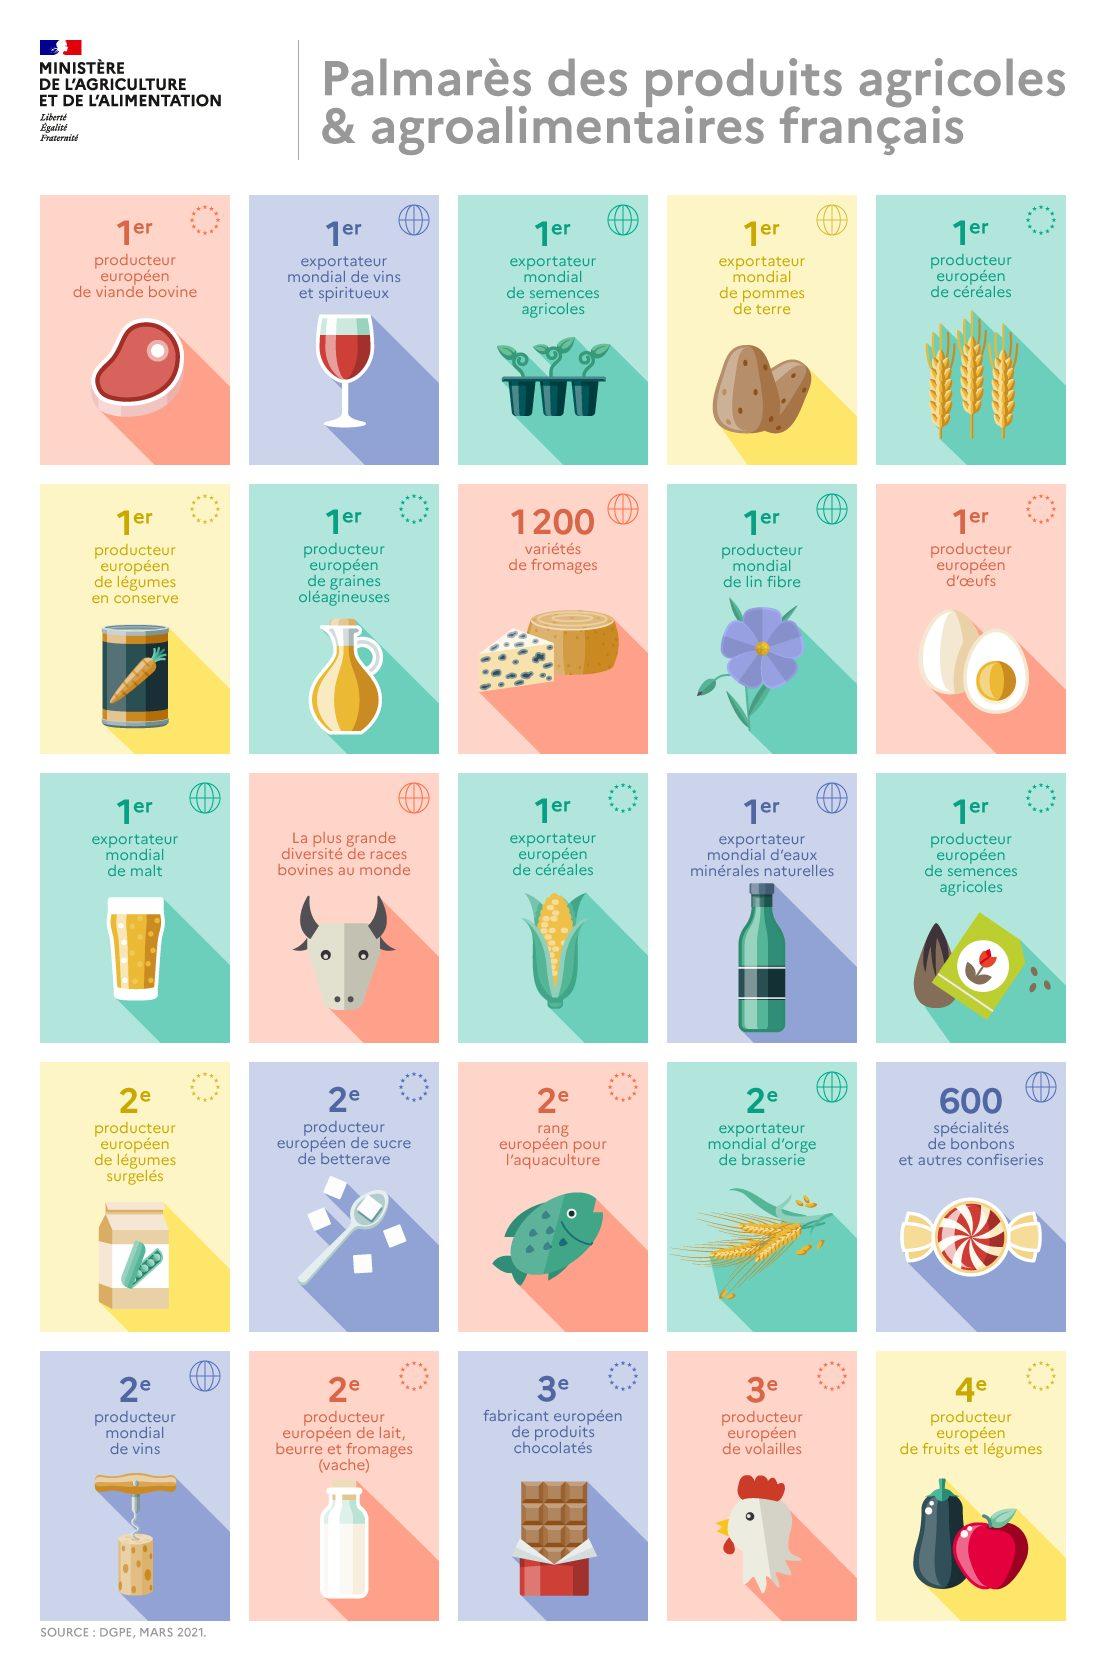 infographie palmares agroalimentaire - Palmarès des produits agricoles et agroalimentaires français